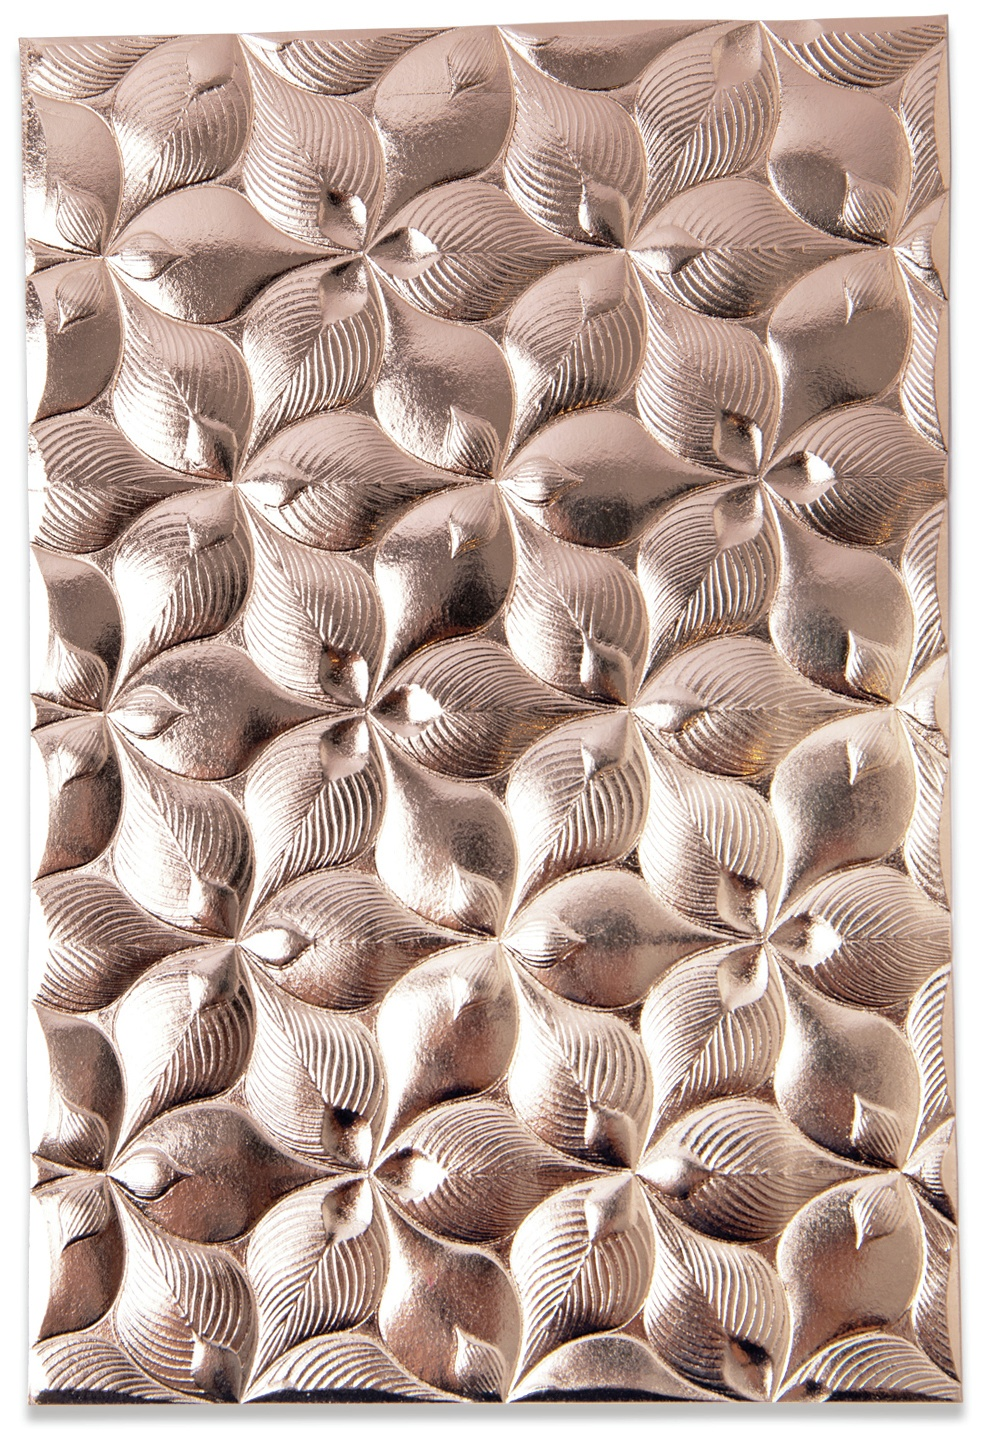 Sizzix - 3D Texture Impressions Embossing Folder - Organic Petals